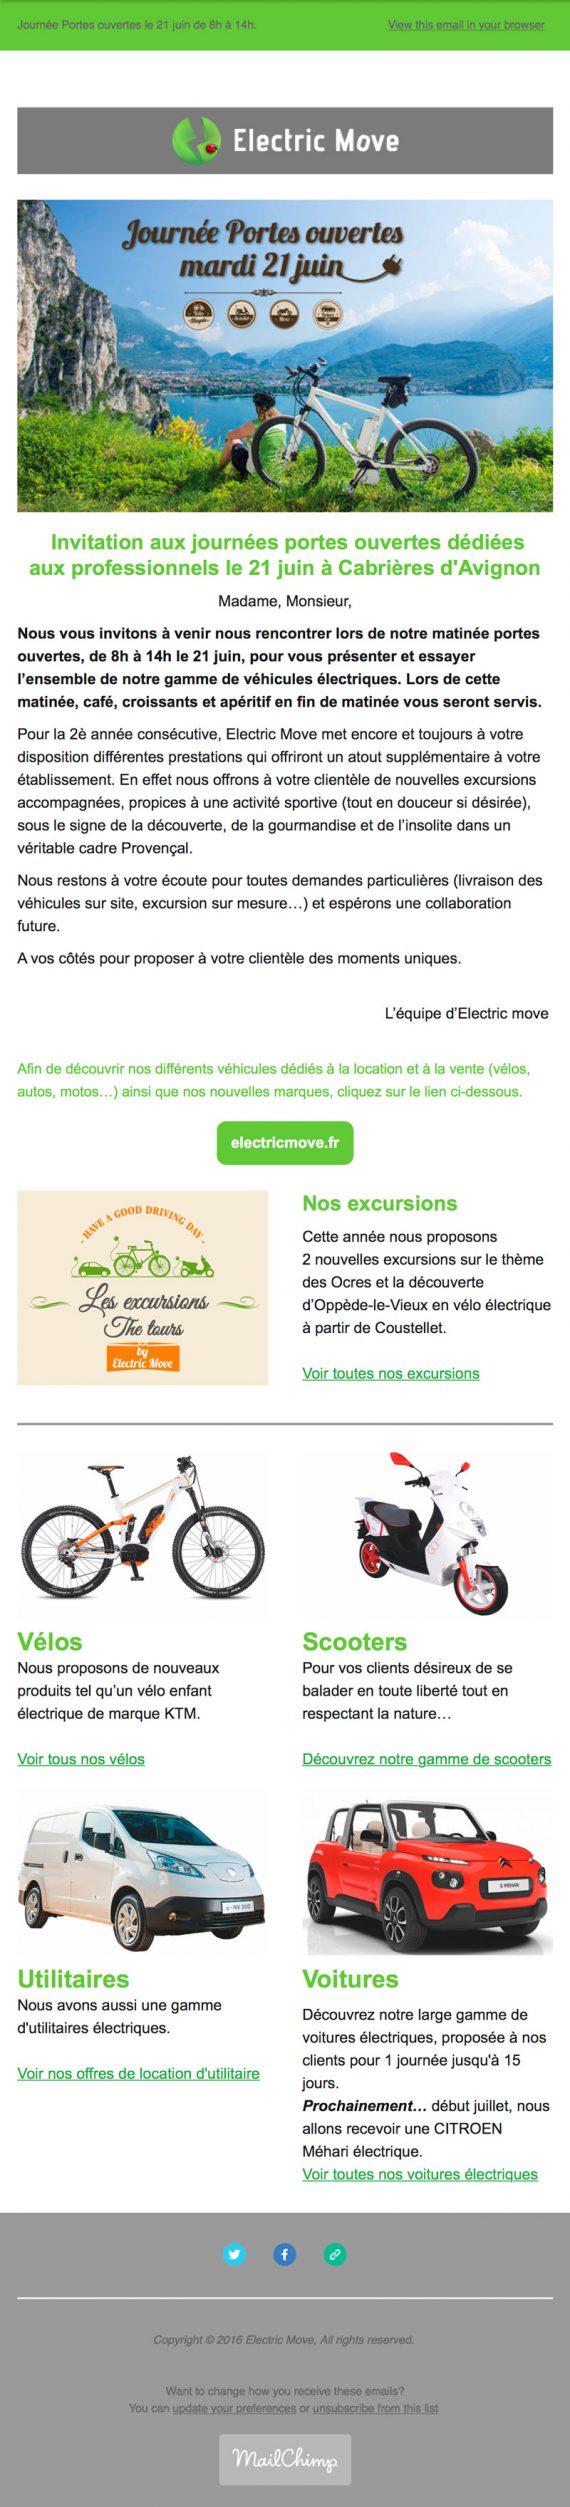 newsletter réalisée par nicolascrechet.com pour la journée portes ouvertes d'electric move le 21 juin 2016